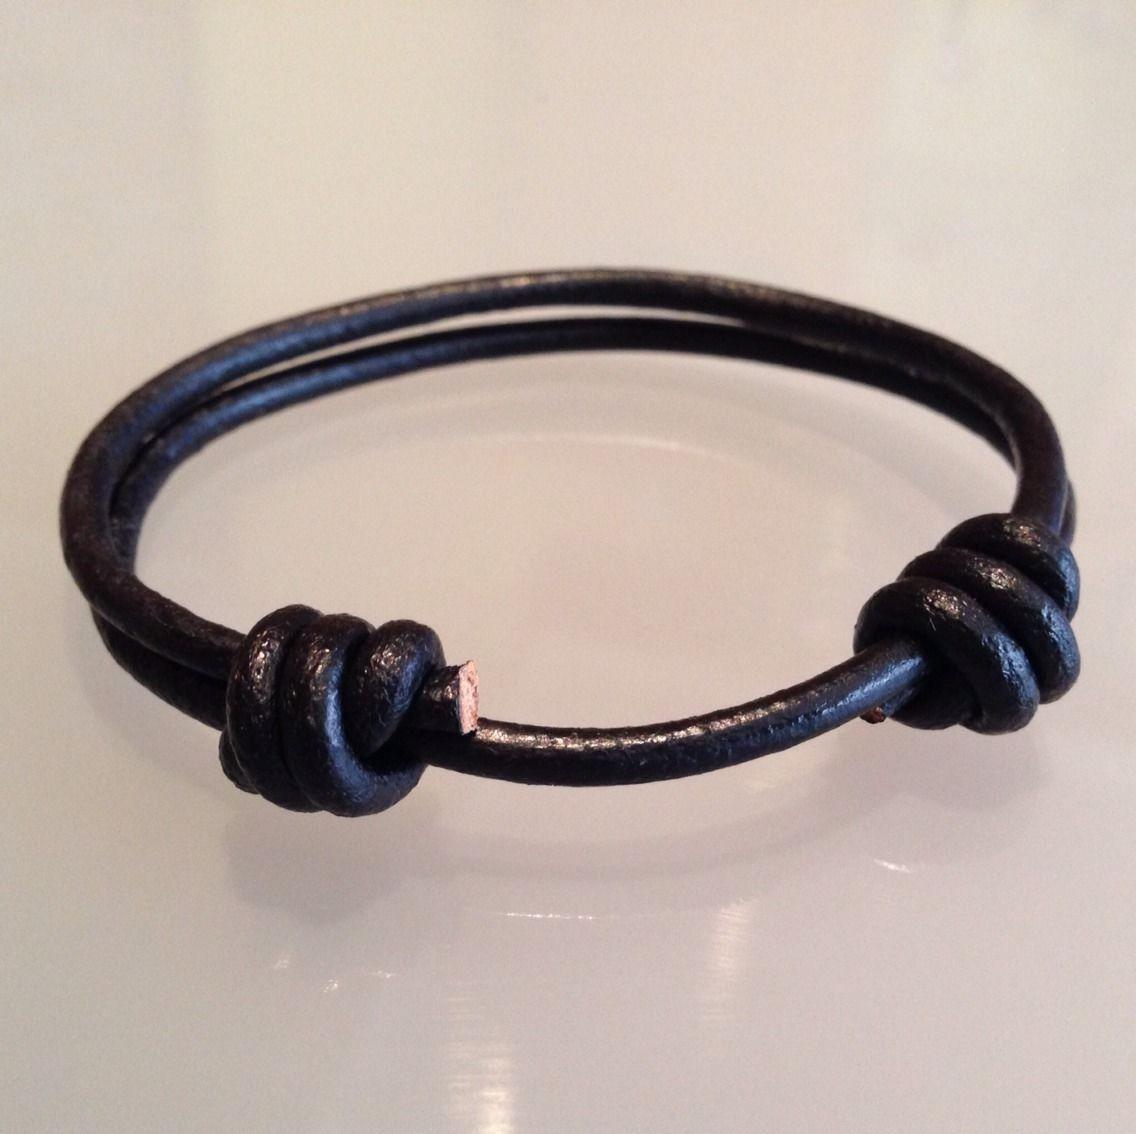 Tipos de nudos para pulseras de cuero parejas pulseras su for Tipos de pulseras